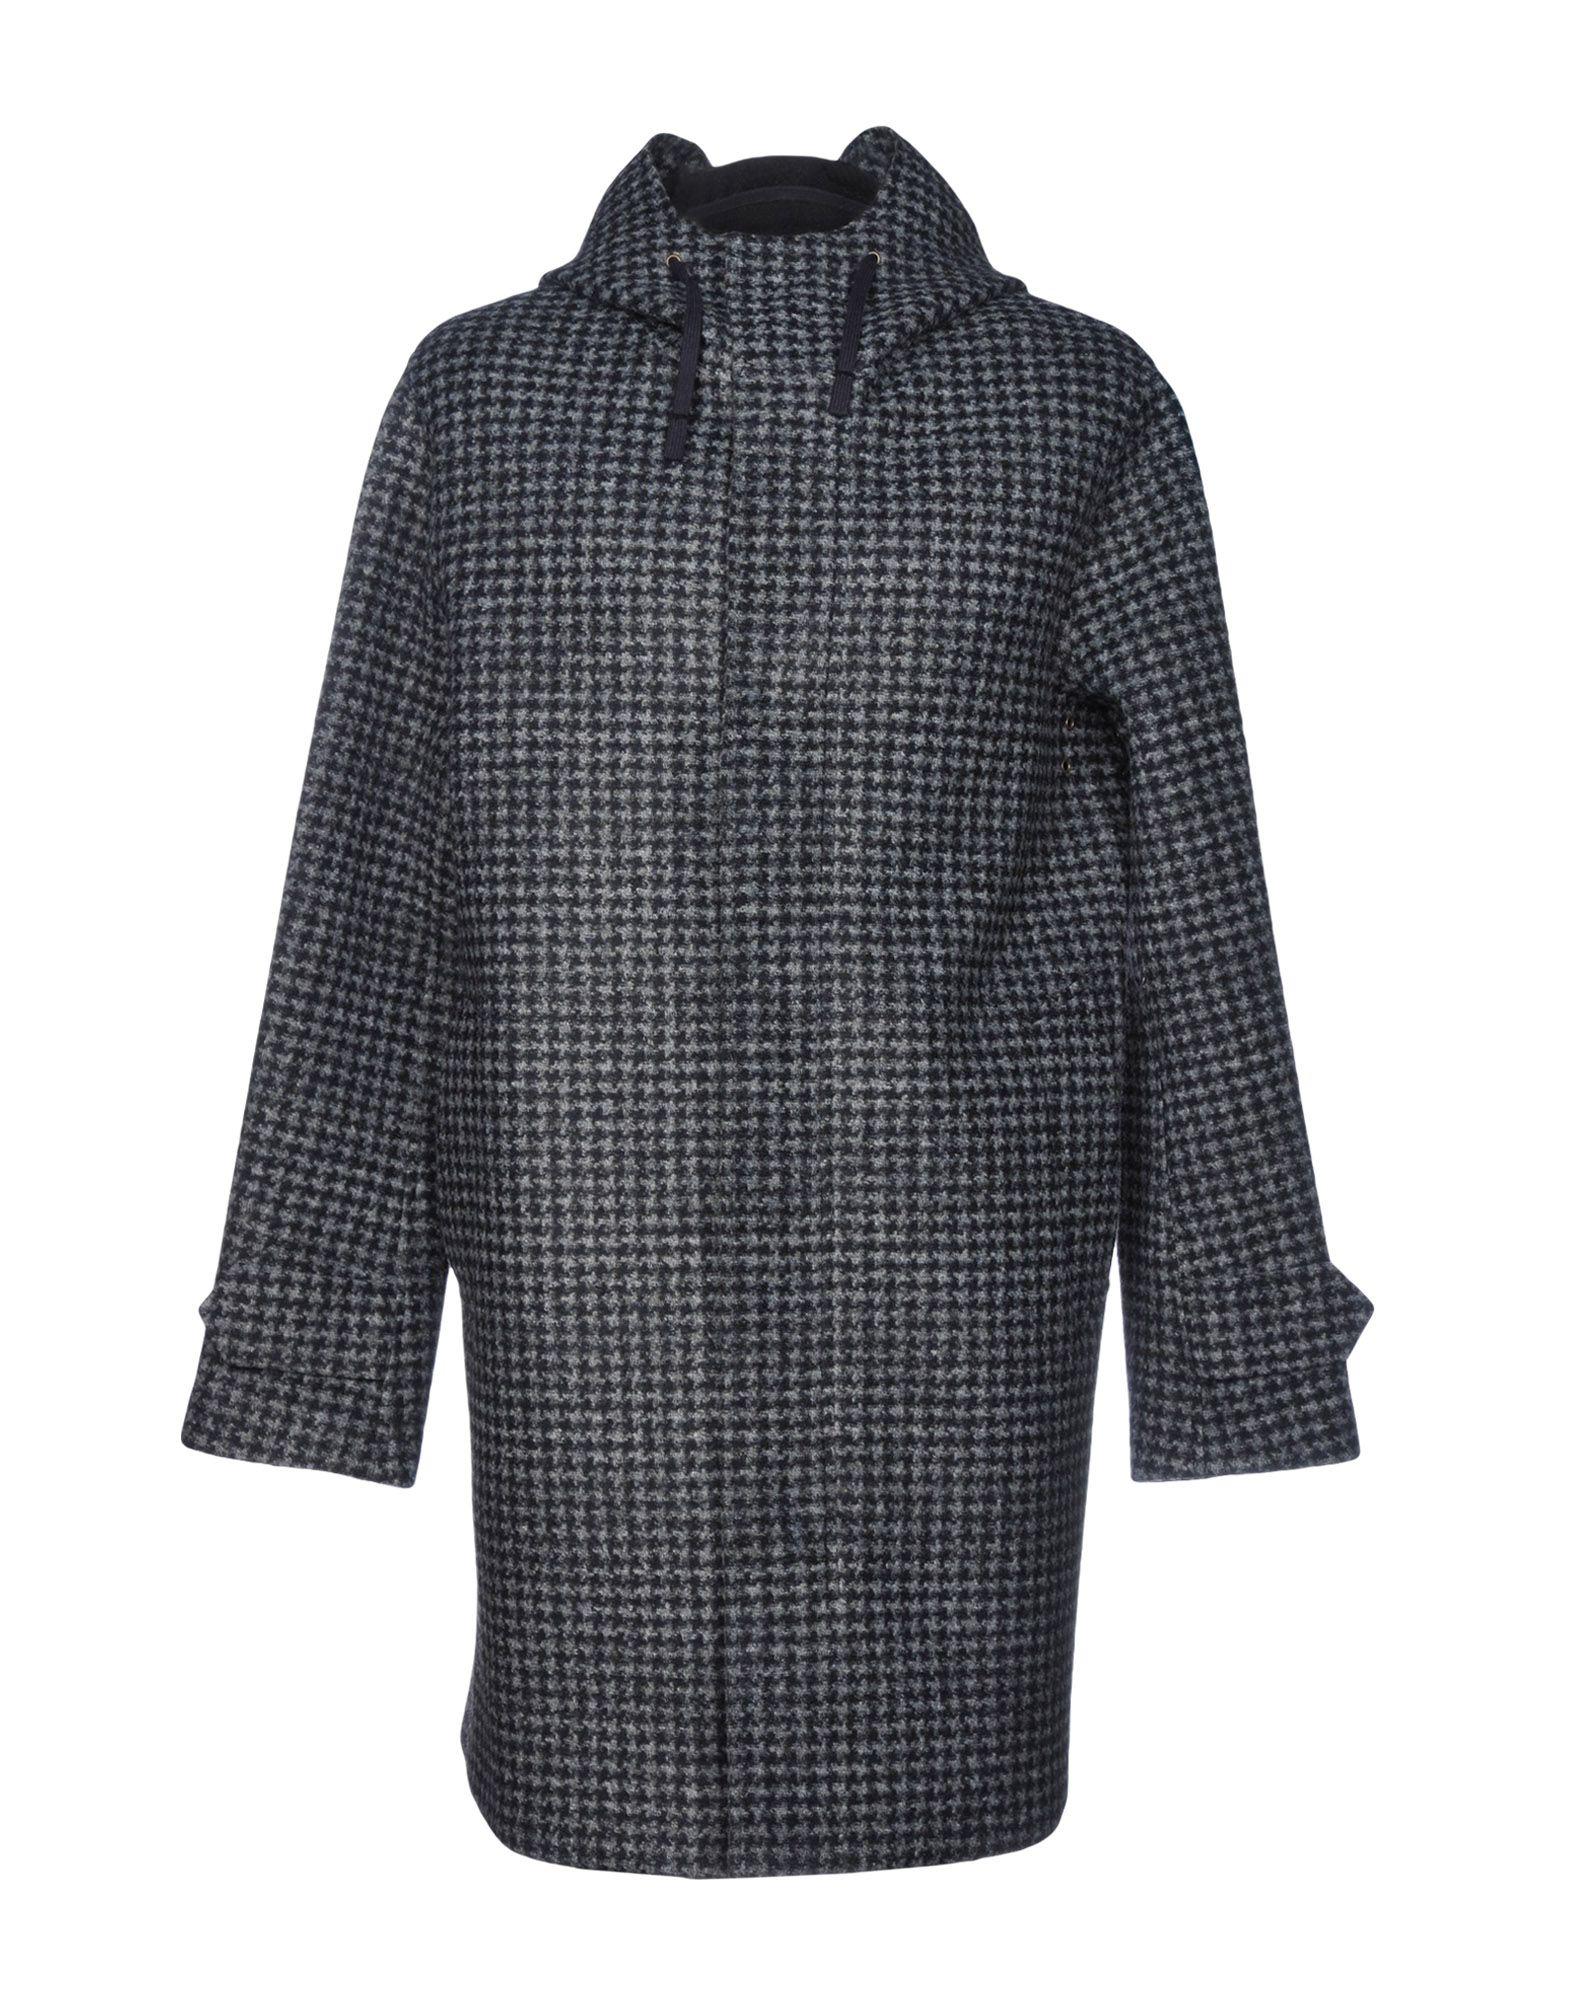 VALSTAR Jacket in Dark Blue